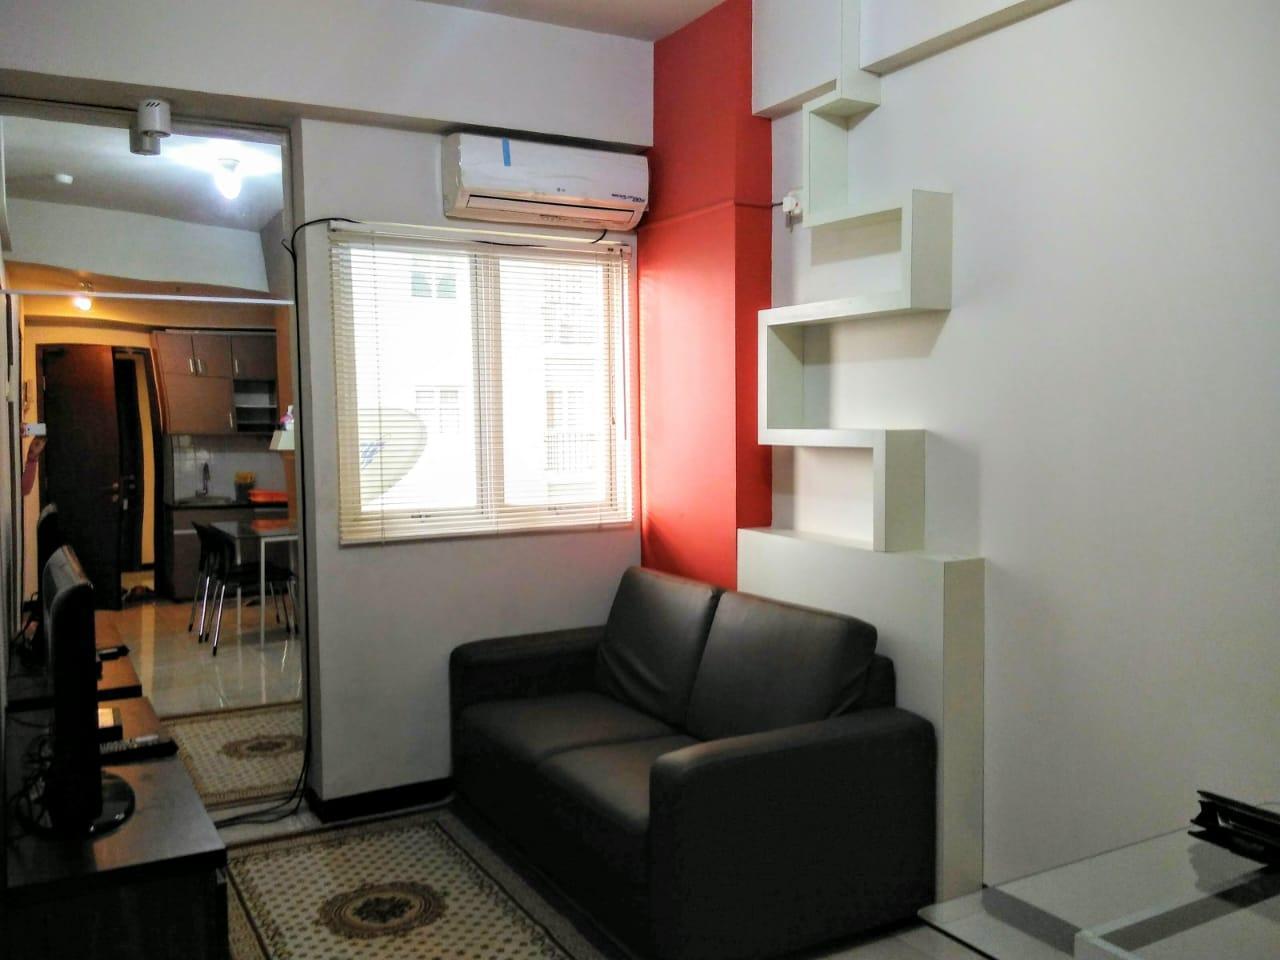 The Suites Metro By Erissa